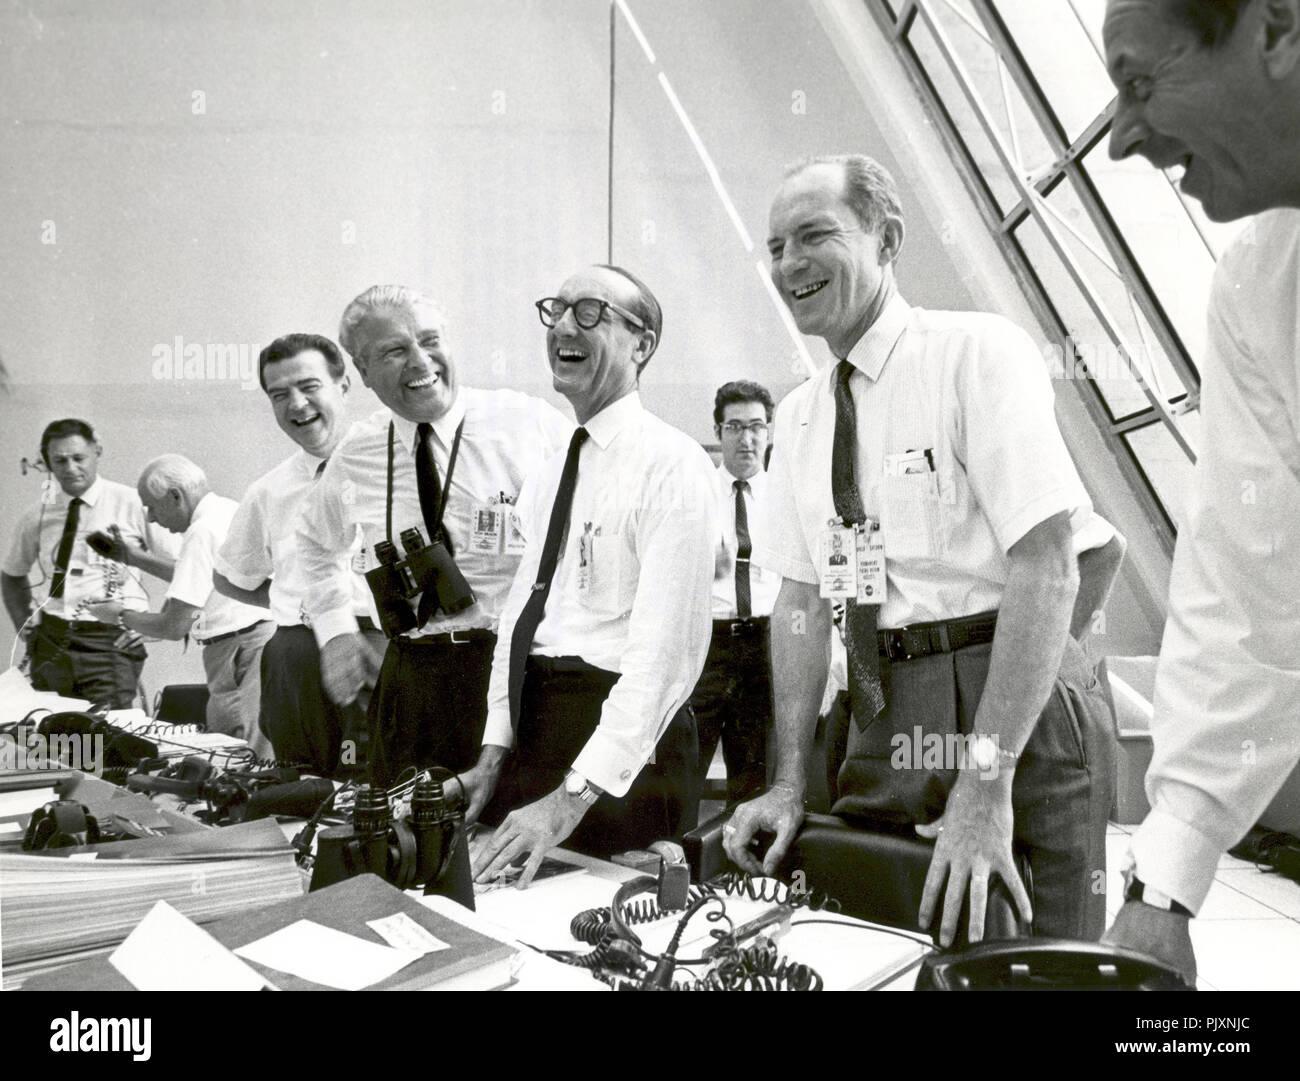 Cape Canaveral, FL - (Datei) - Apollo 11 Mission Beamten in die Launch Control Center entspannen Sie sich nach dem erfolgreichen Apollo 11 liftoff am Mittwoch, 16. Juli 1969. Von links nach rechts sind: Charles W. Mathews, Stellvertretender Teilnehmerverwalter für die bemannte Raumfahrt; Dr. Wernher von Braun, Direktor des Marshall Space Flight Center; Georg Müller, Associate Administrator für das Büro für die bemannte Raumfahrt; Generalleutnant Samuel C. Phillips, Direktor des Apollo Programms Credit: NASA über CNP/MediaPunch Stockfoto